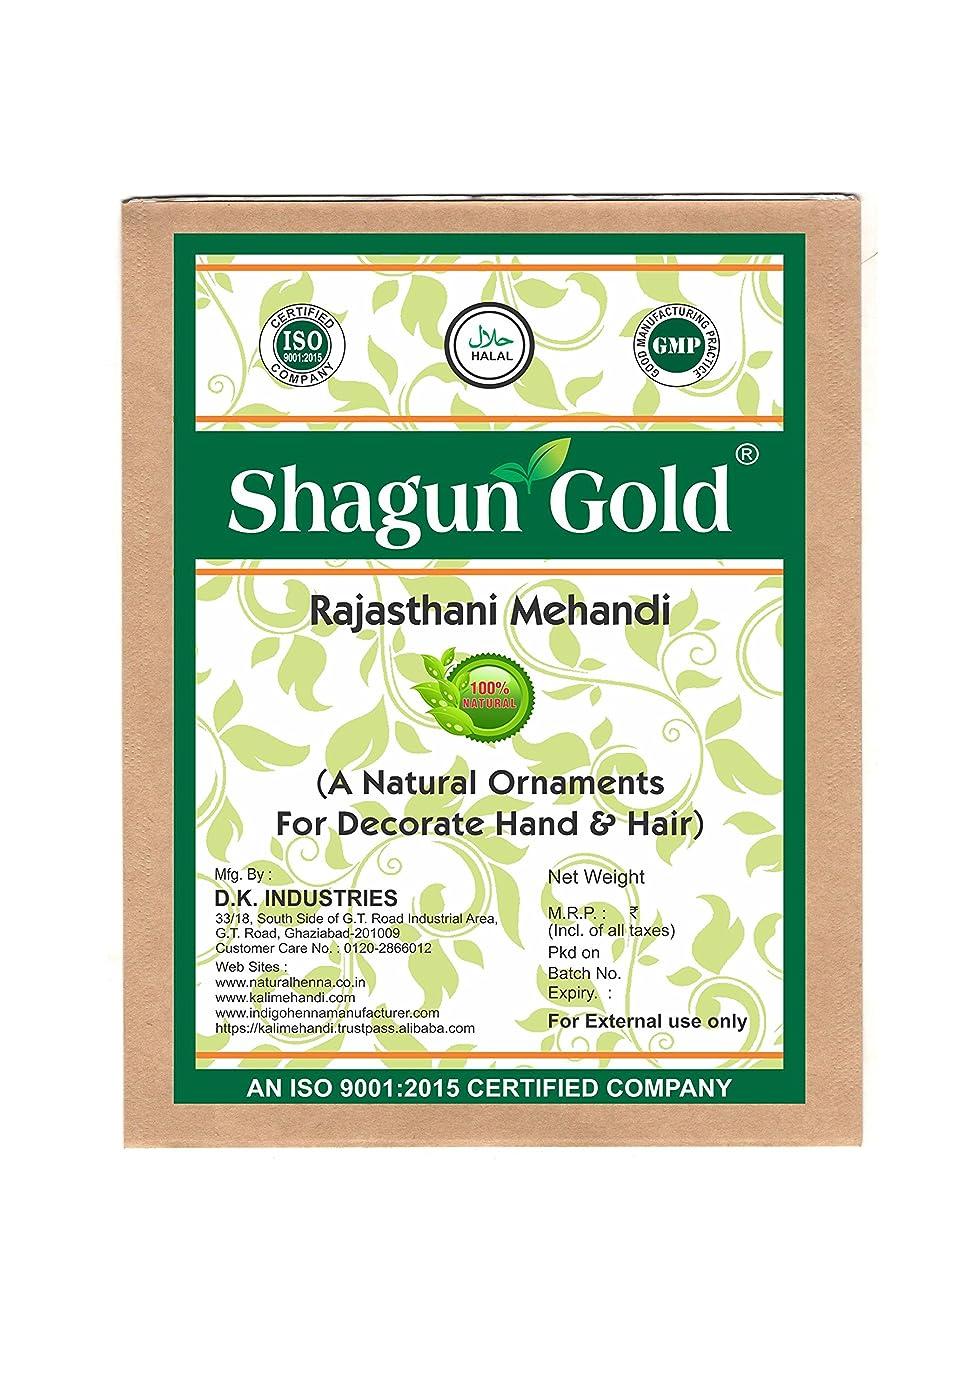 のれん悩み地上でShagun Gold A 100% Natural ( A Natgural Ornaments ) Natural Rajasthani Mehandi For Hair Certified By Gmp / Halal / ISO-9001-2015 No Ammonia, No PPD, Chemical Free 7 Oz / ( 1 / 2 lb ) / 200g